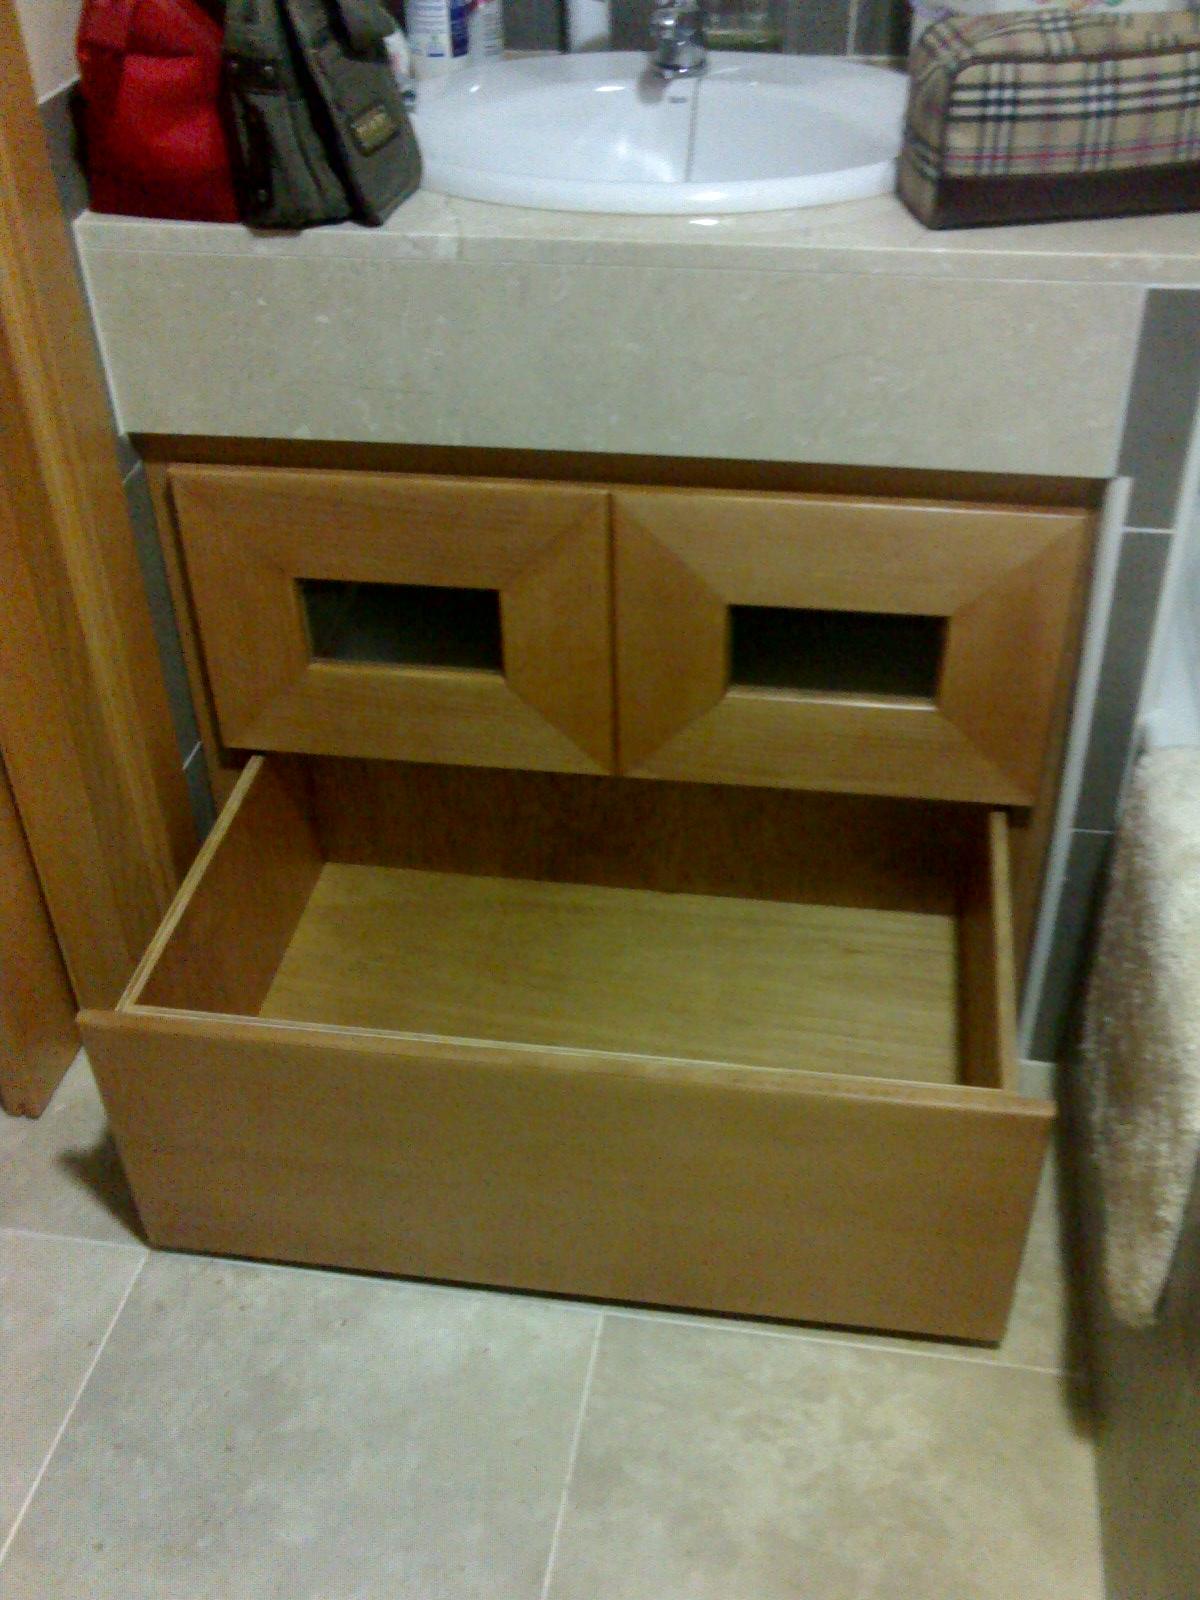 Arte madera mueble de ba o con cajones sin tiradores - Tiradores muebles bano ...